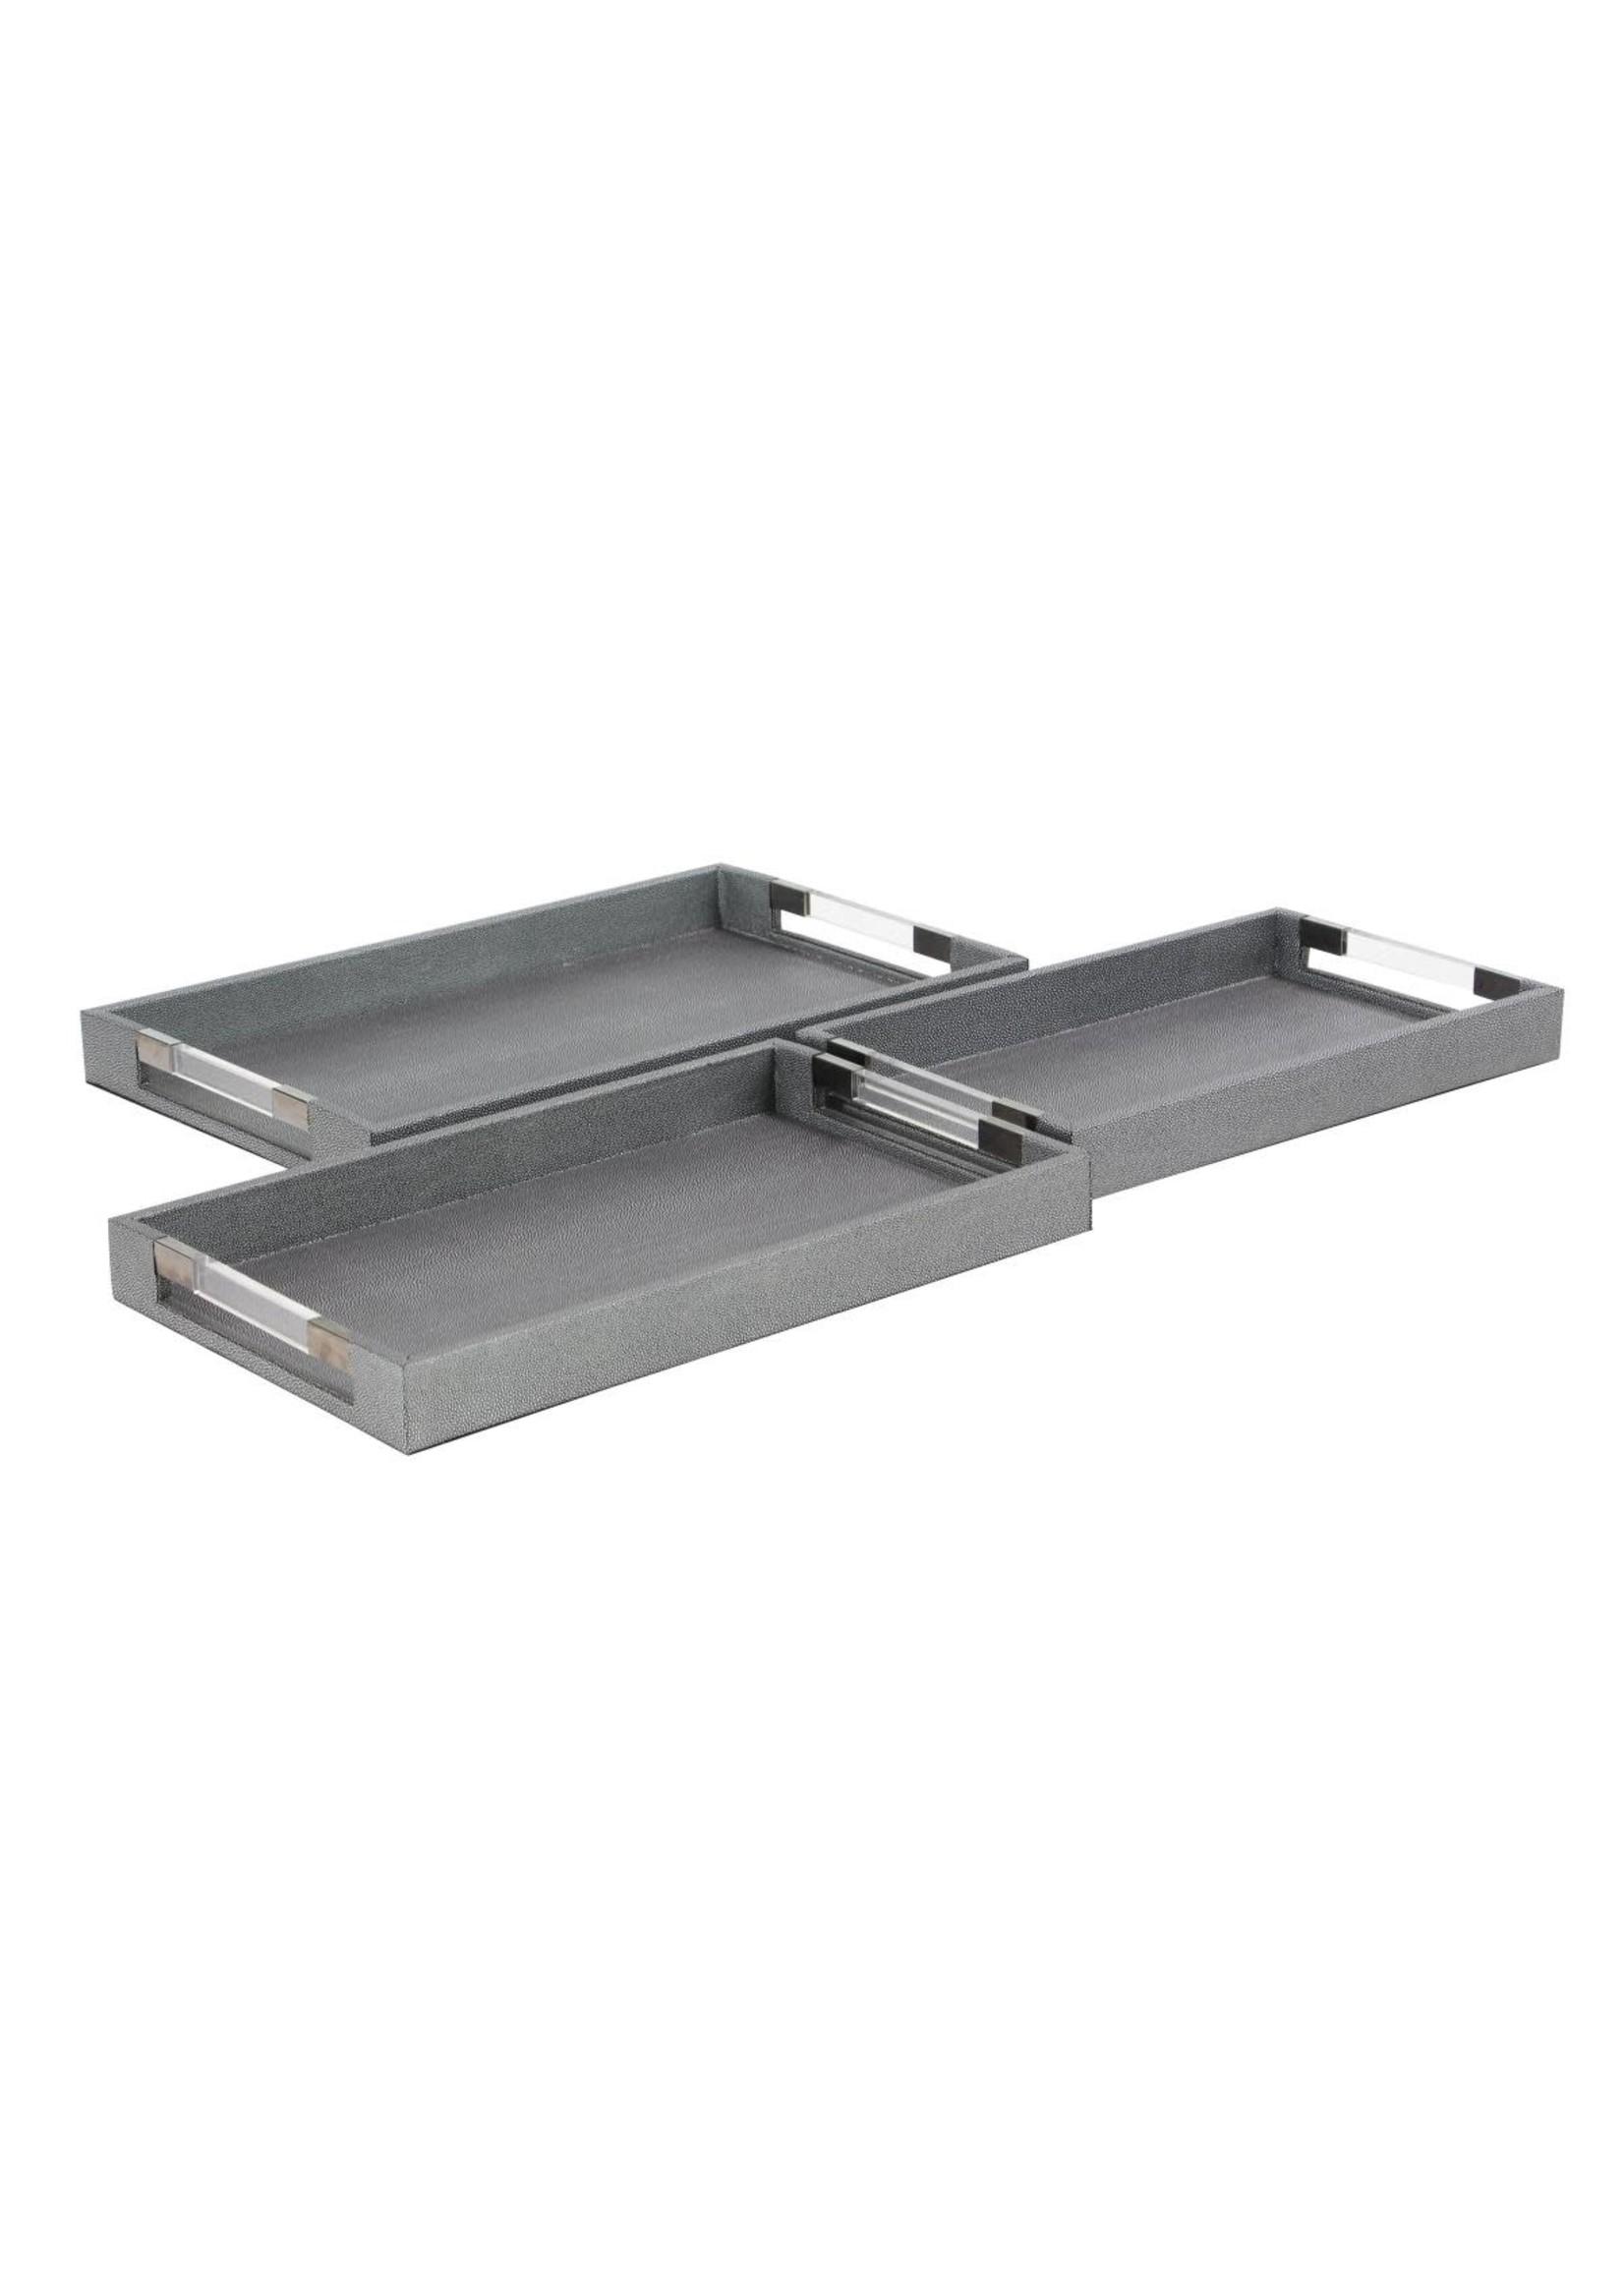 UMA Enterprises Wood Acrylic Tray - Medium